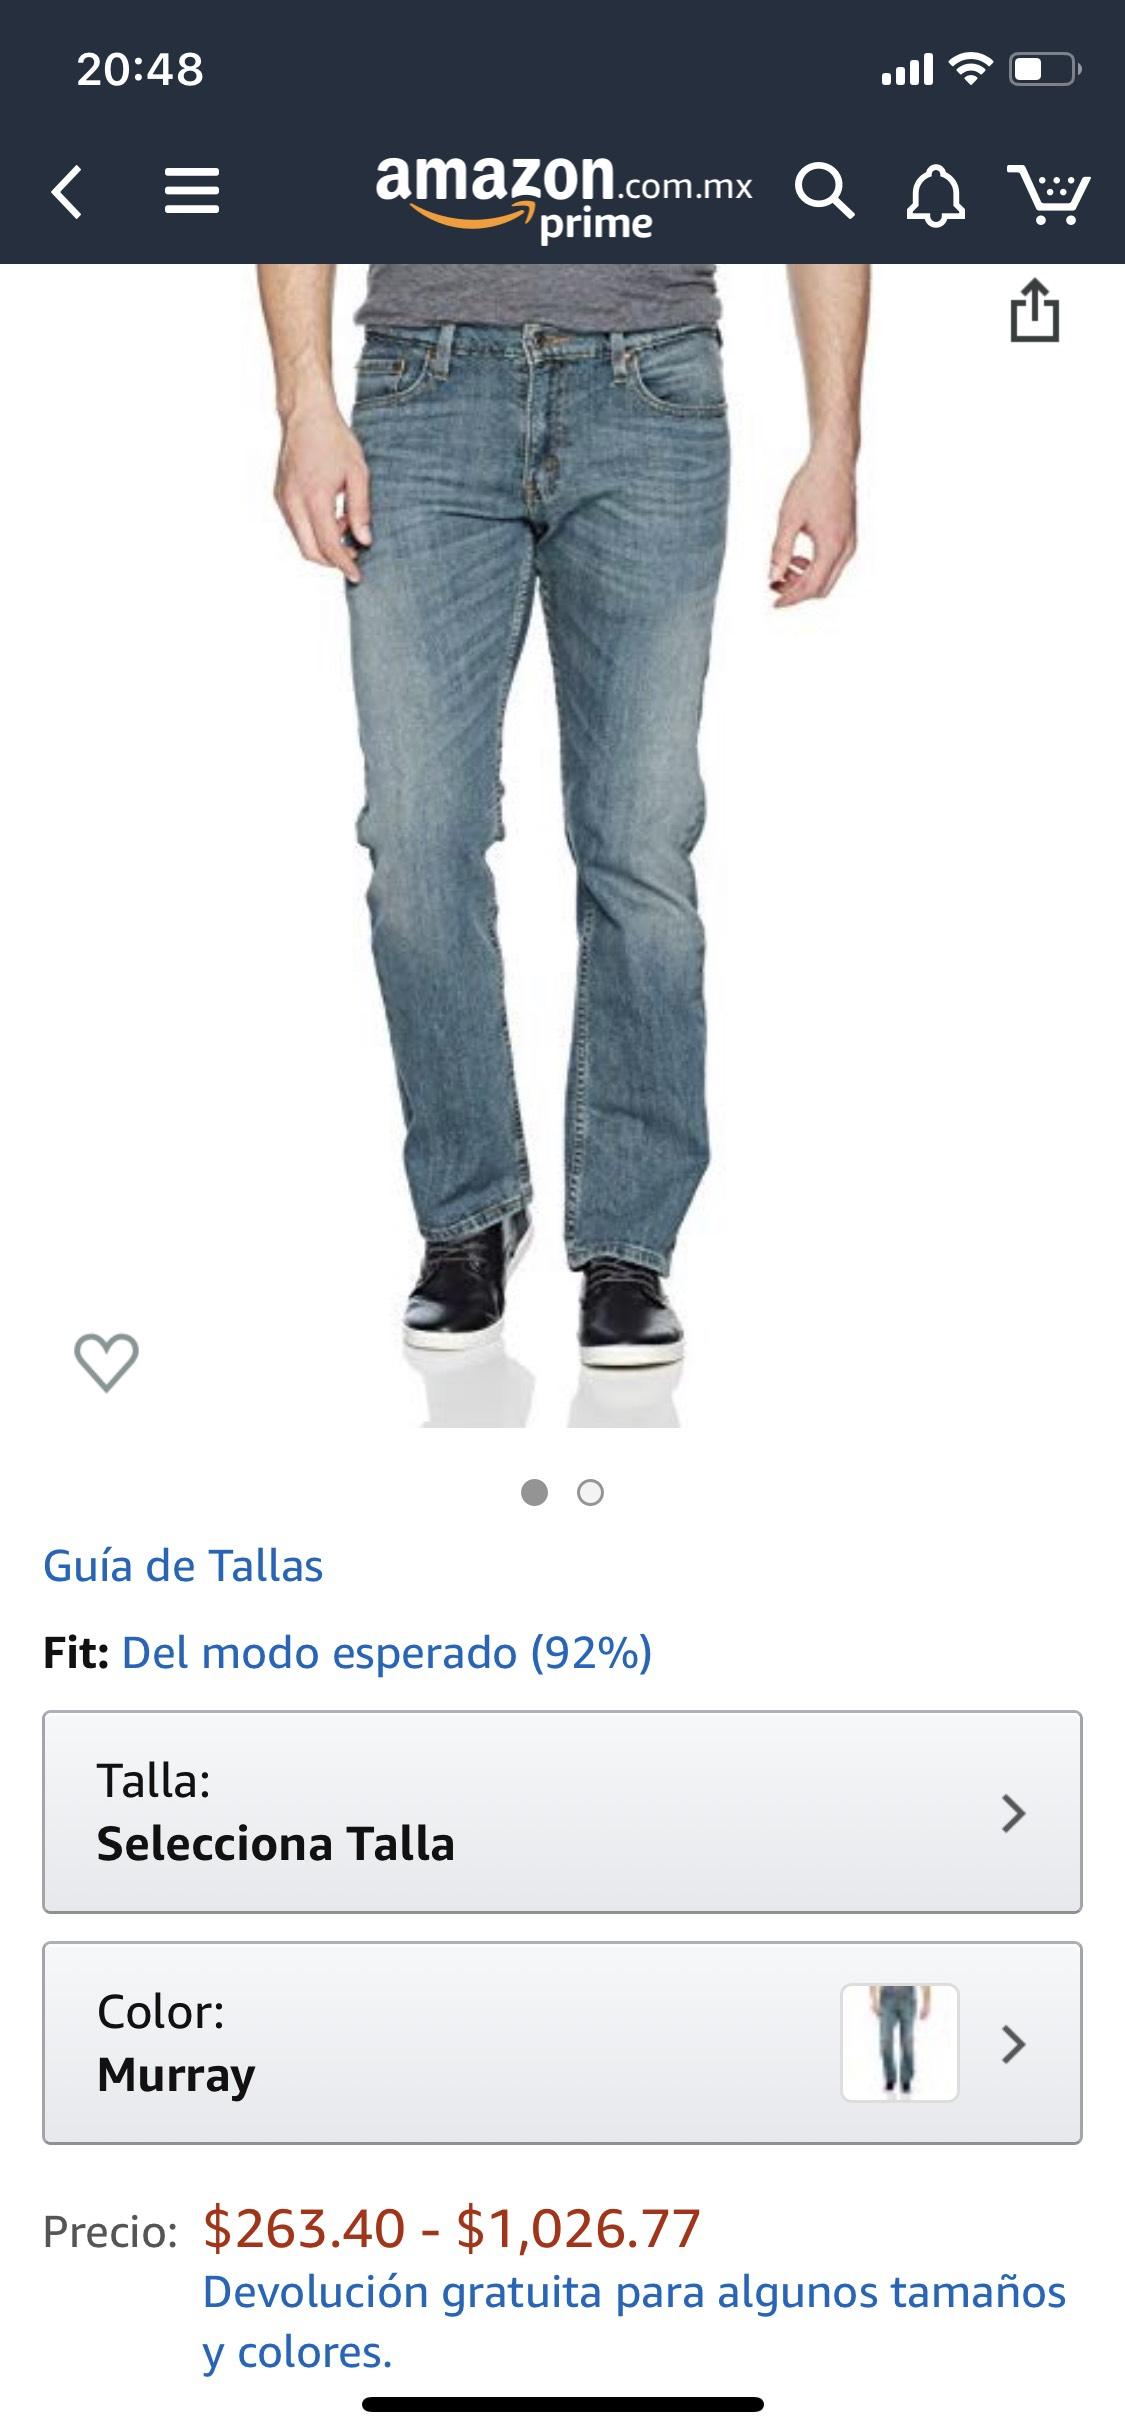 Amazon jeans levis talla 34w30L aplica Prime